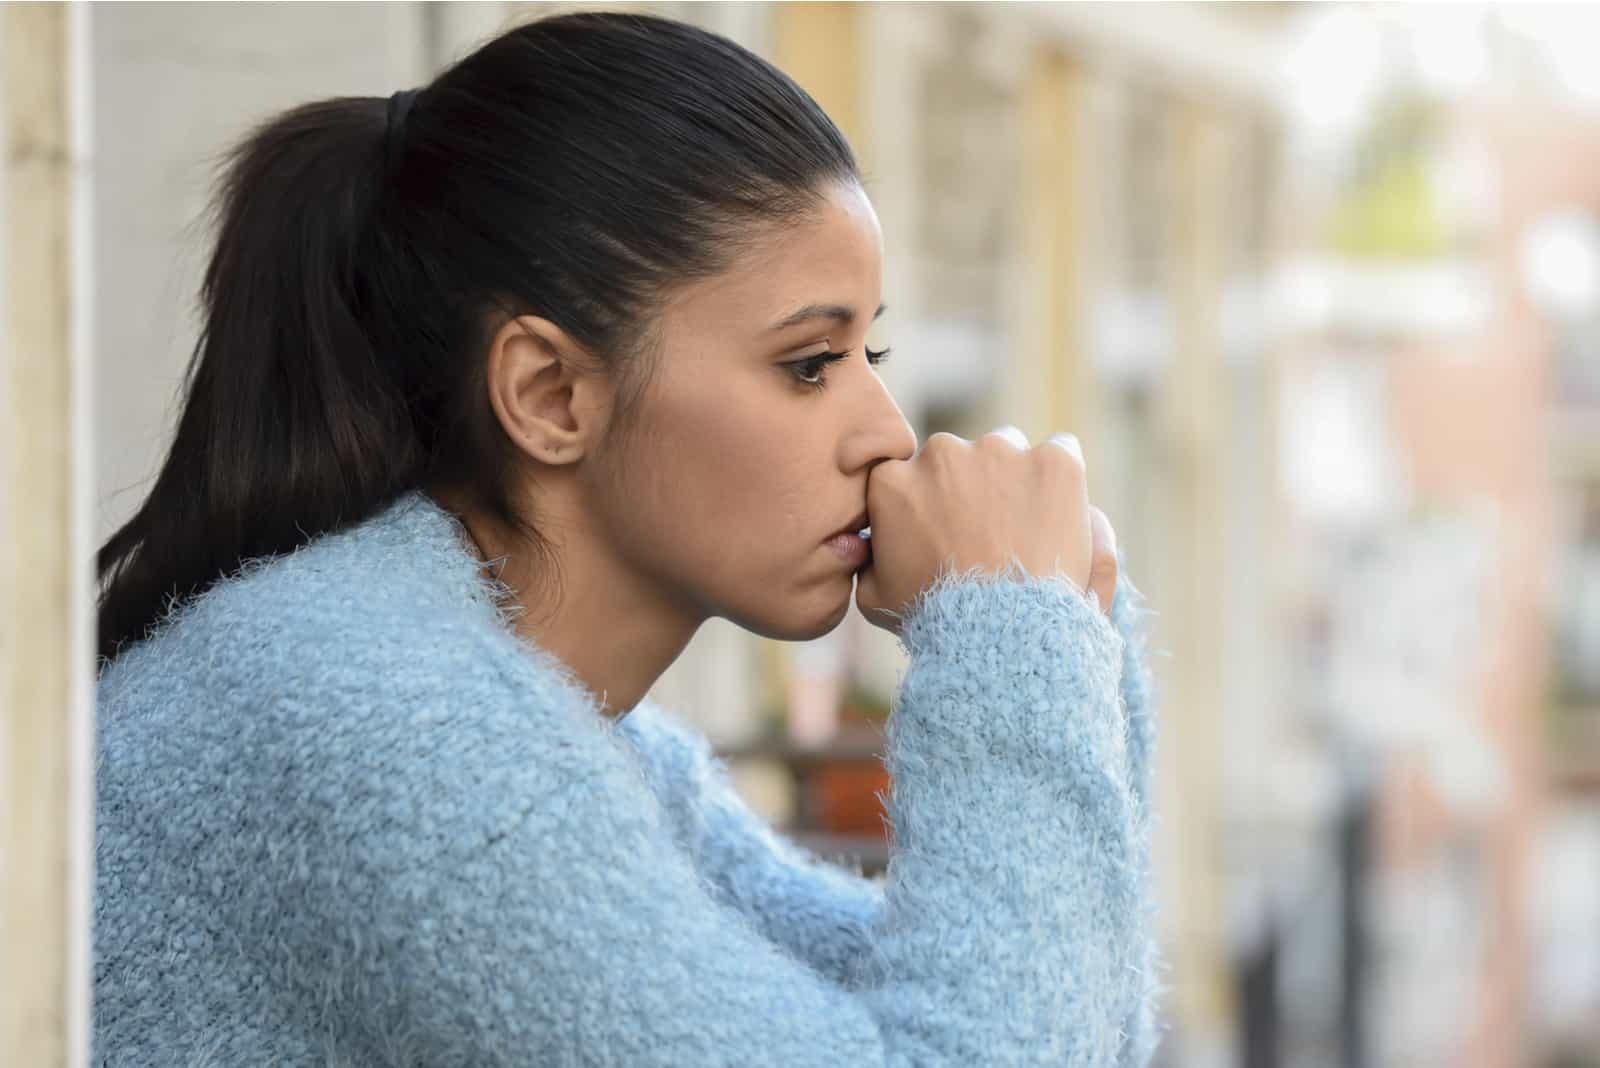 femme inquiète pensive au balcon